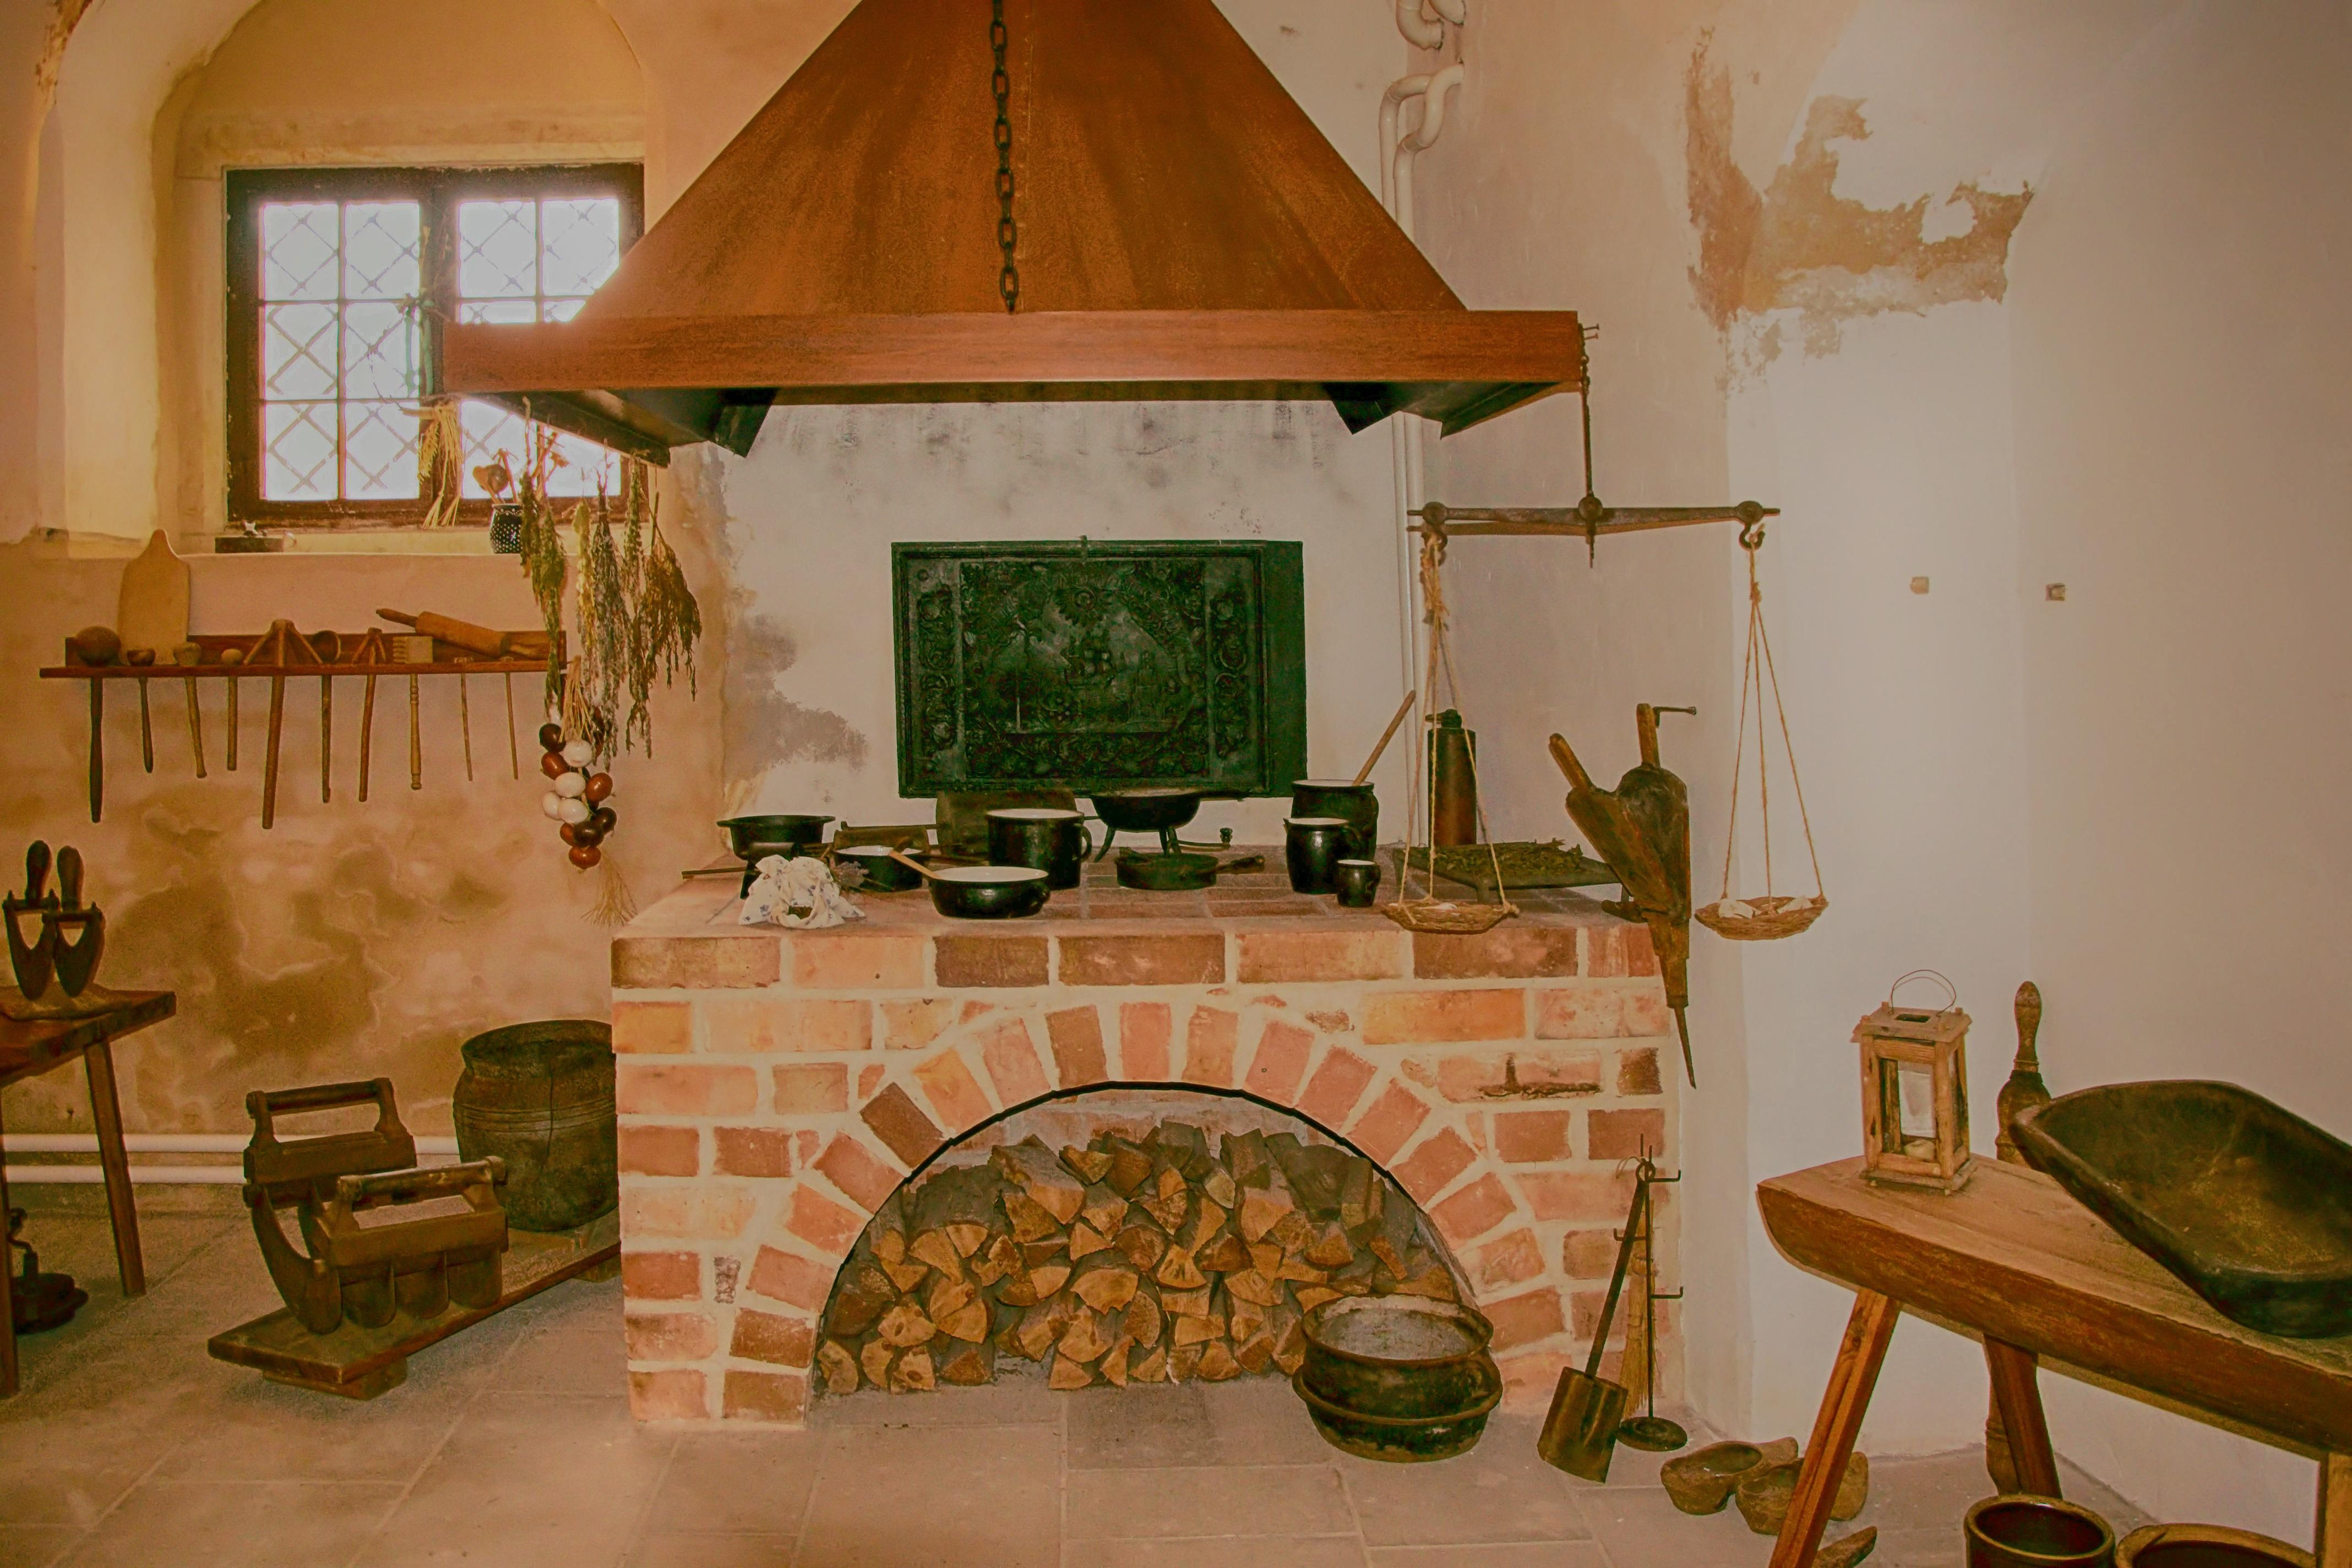 Kostenlose foto : Holz, Villa, Haus, Zuhause, Museum, Hütte, Küche ...